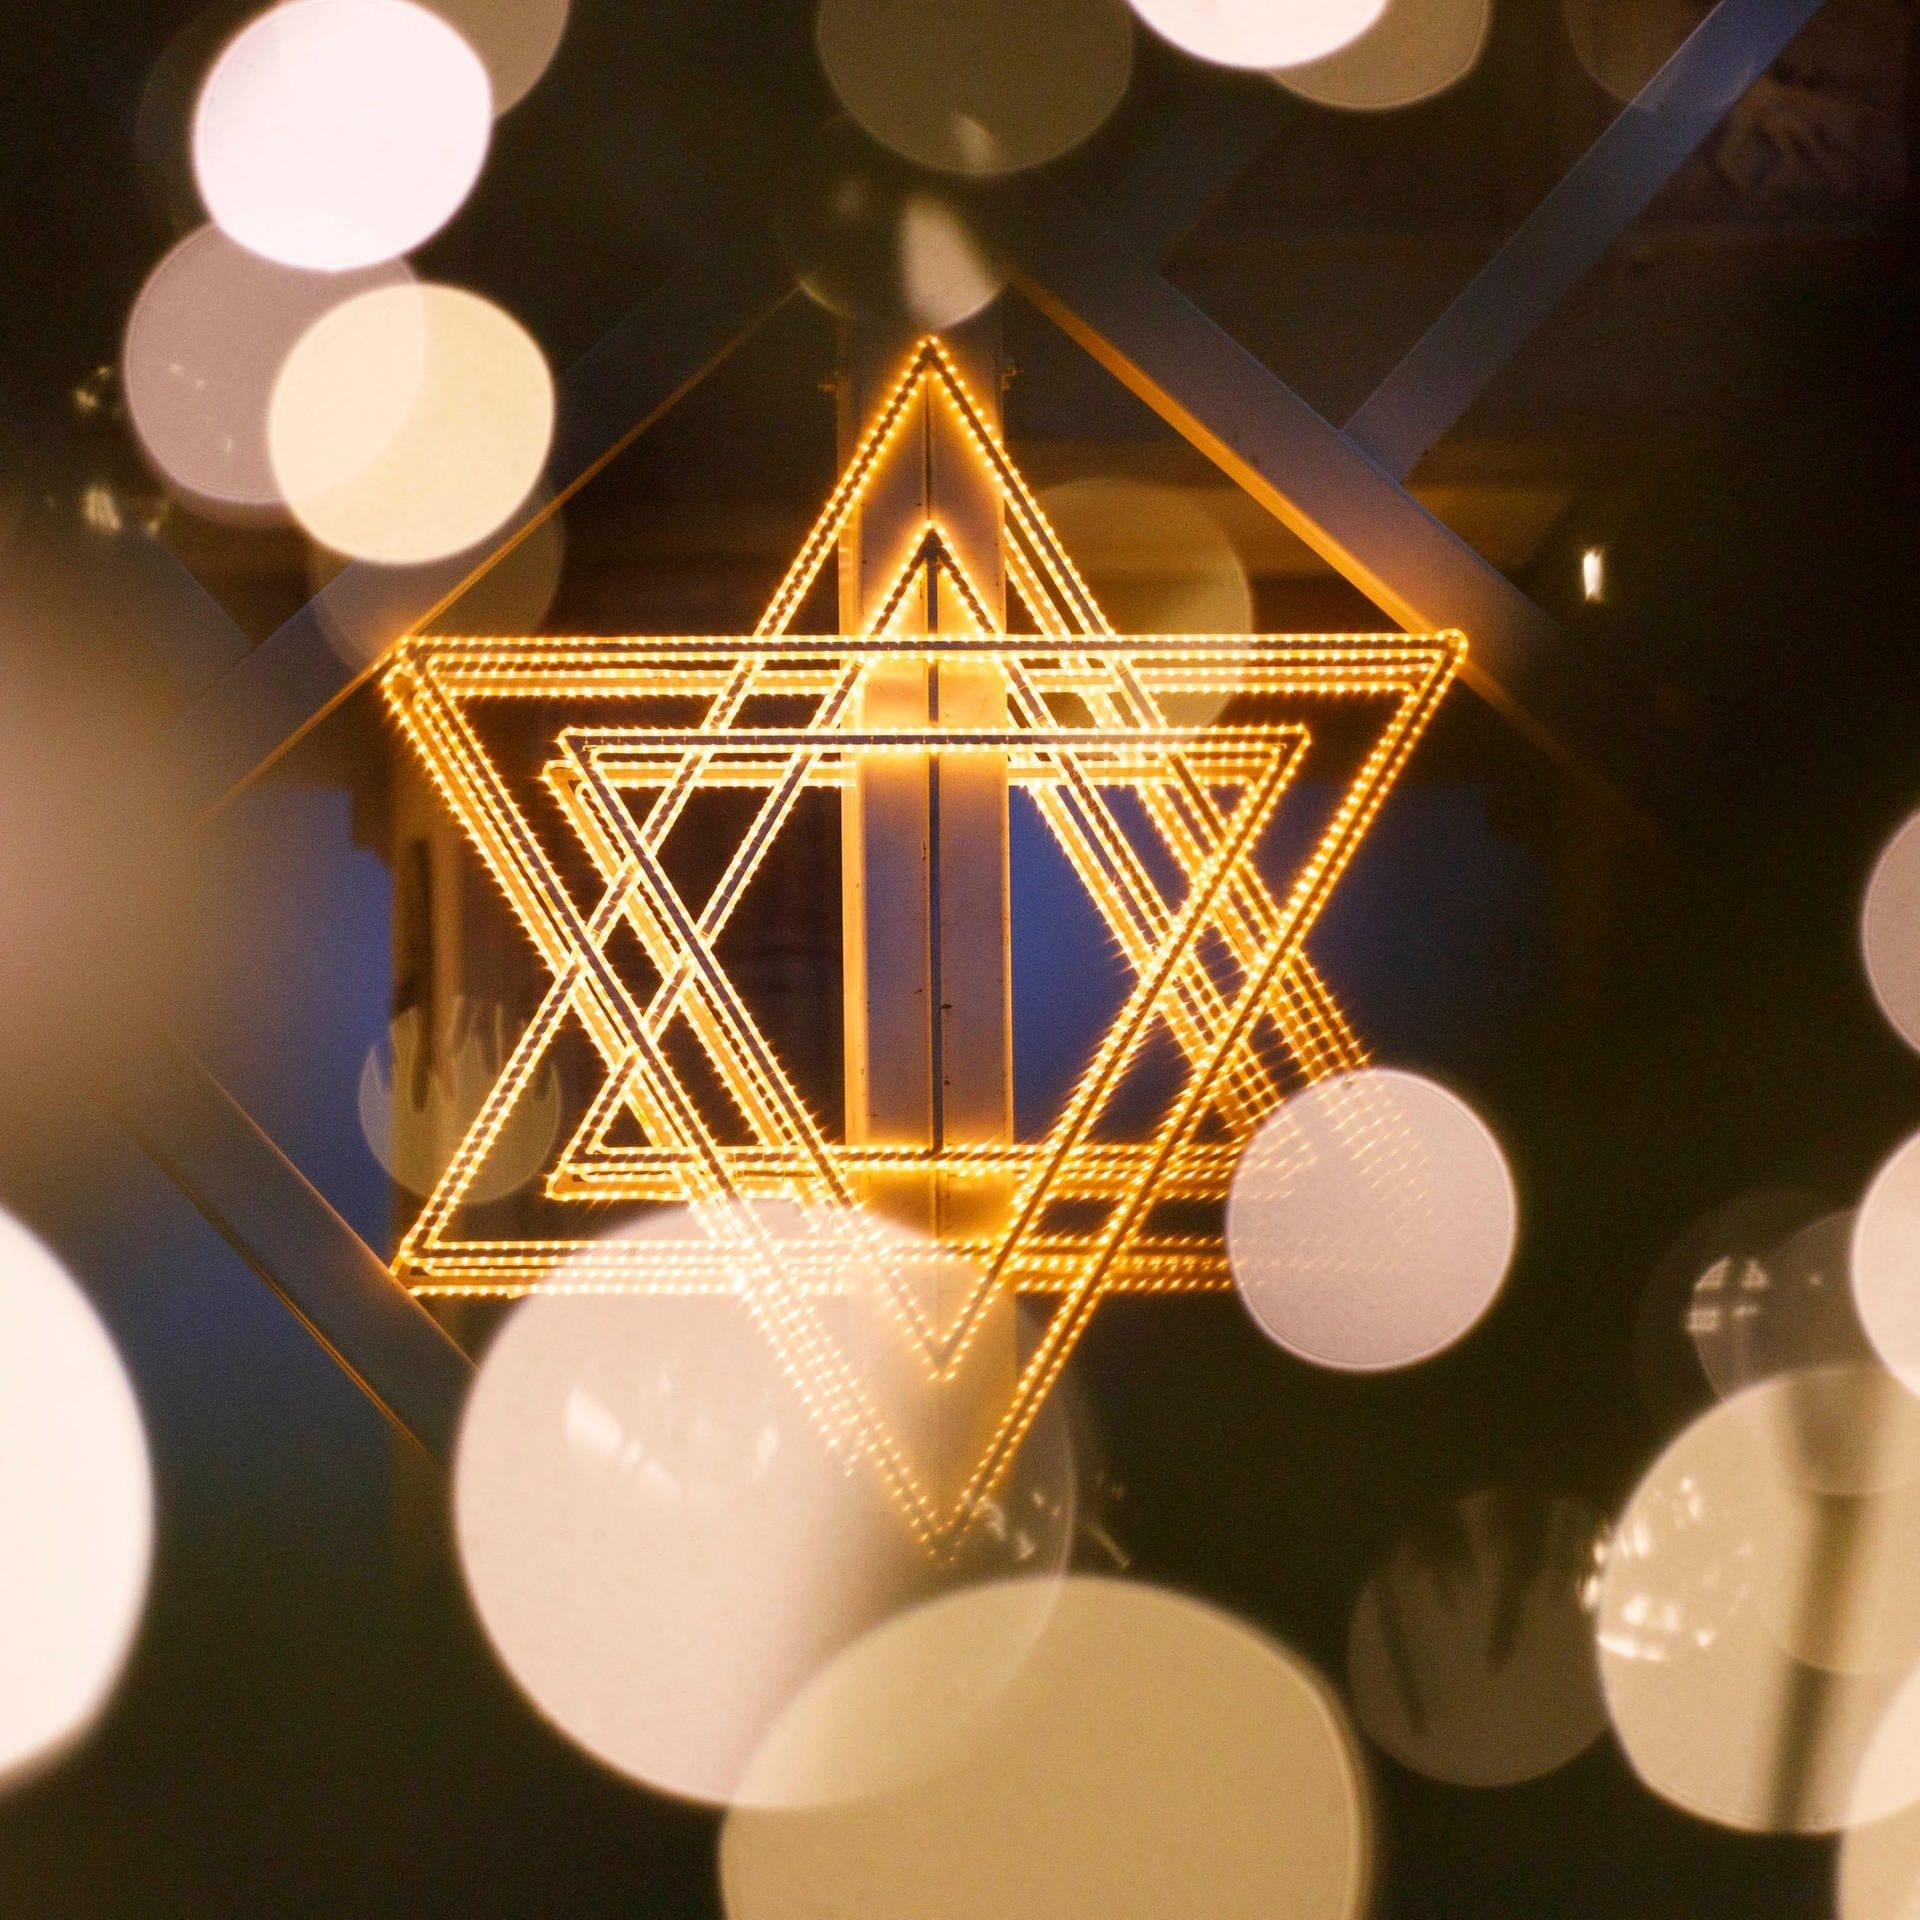 Antisemitismus | Judenhass ist ein Chamäleon, sagt Expertin Monika Schwarz-Friesel